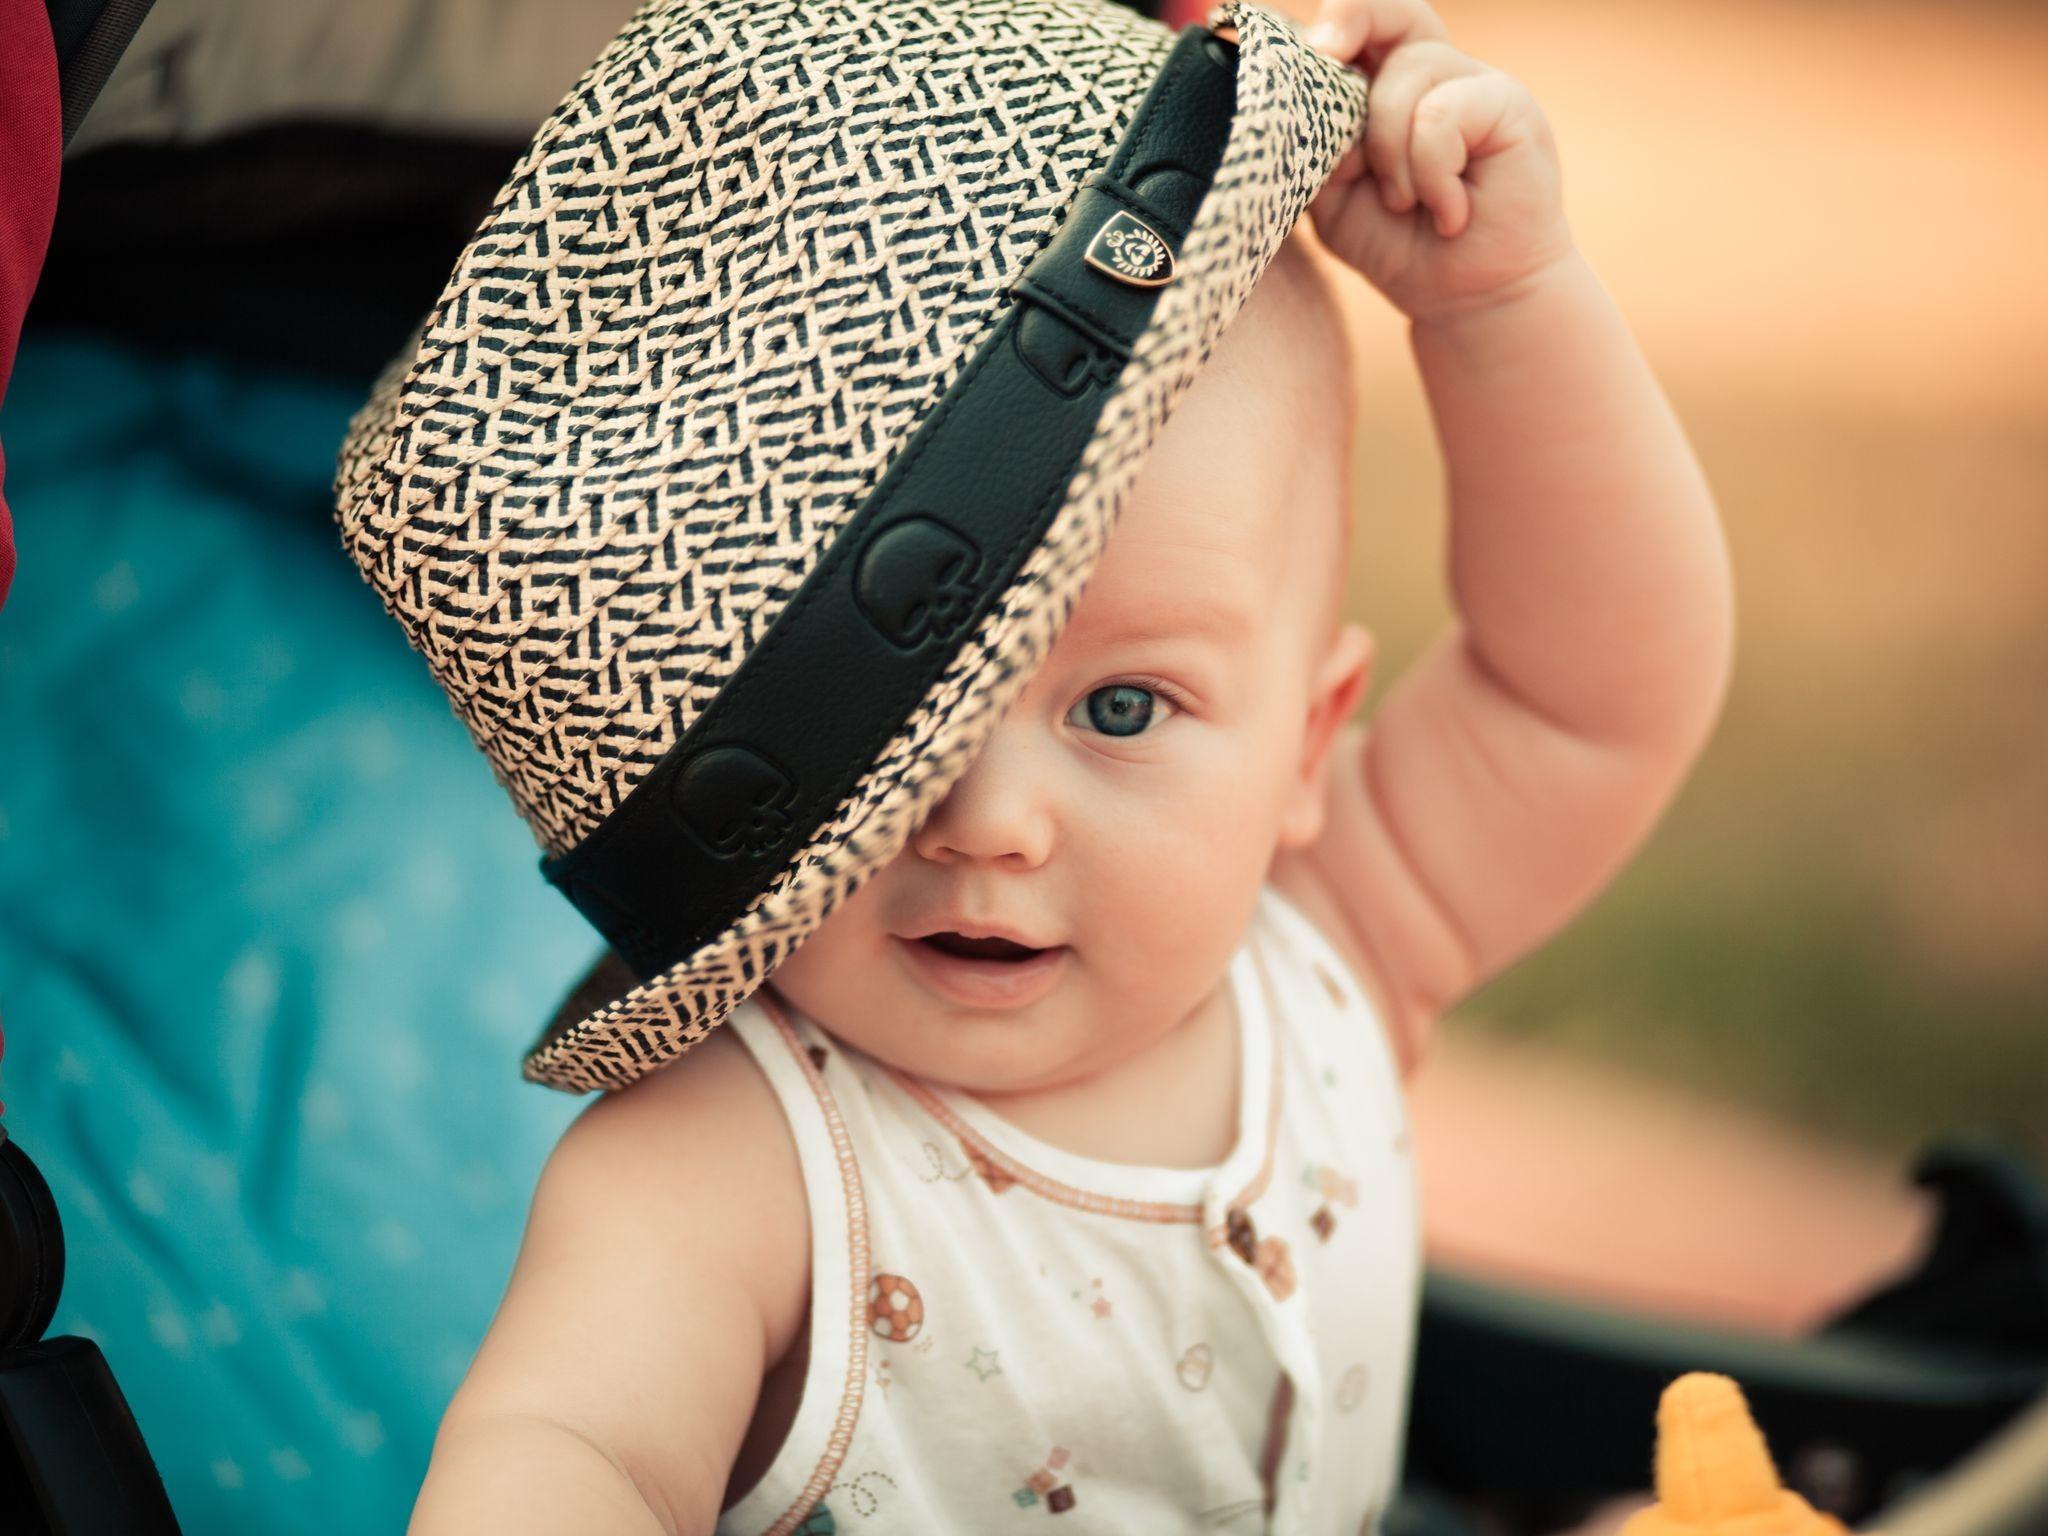 Перевоспитание избалованного ребенка